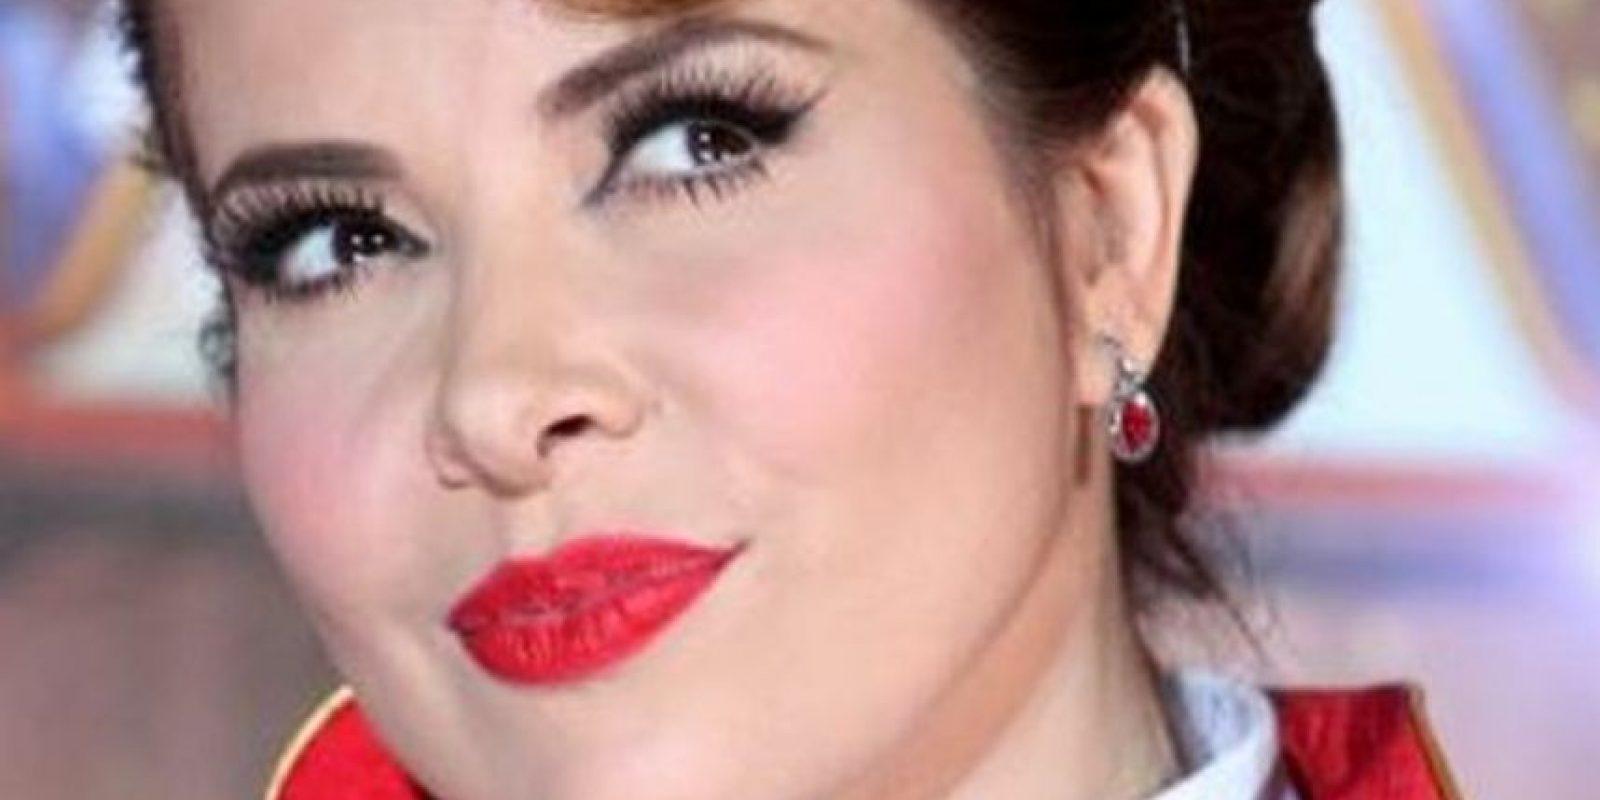 Según carios medios locales, Gloria Trevi había sido hospitalizada de urgencias porque padecía un episodio de parálisis facial debido al excesivo uso de botox. Poco después ella misma aseguró que se trataba de una mentira. Foto:Twitter